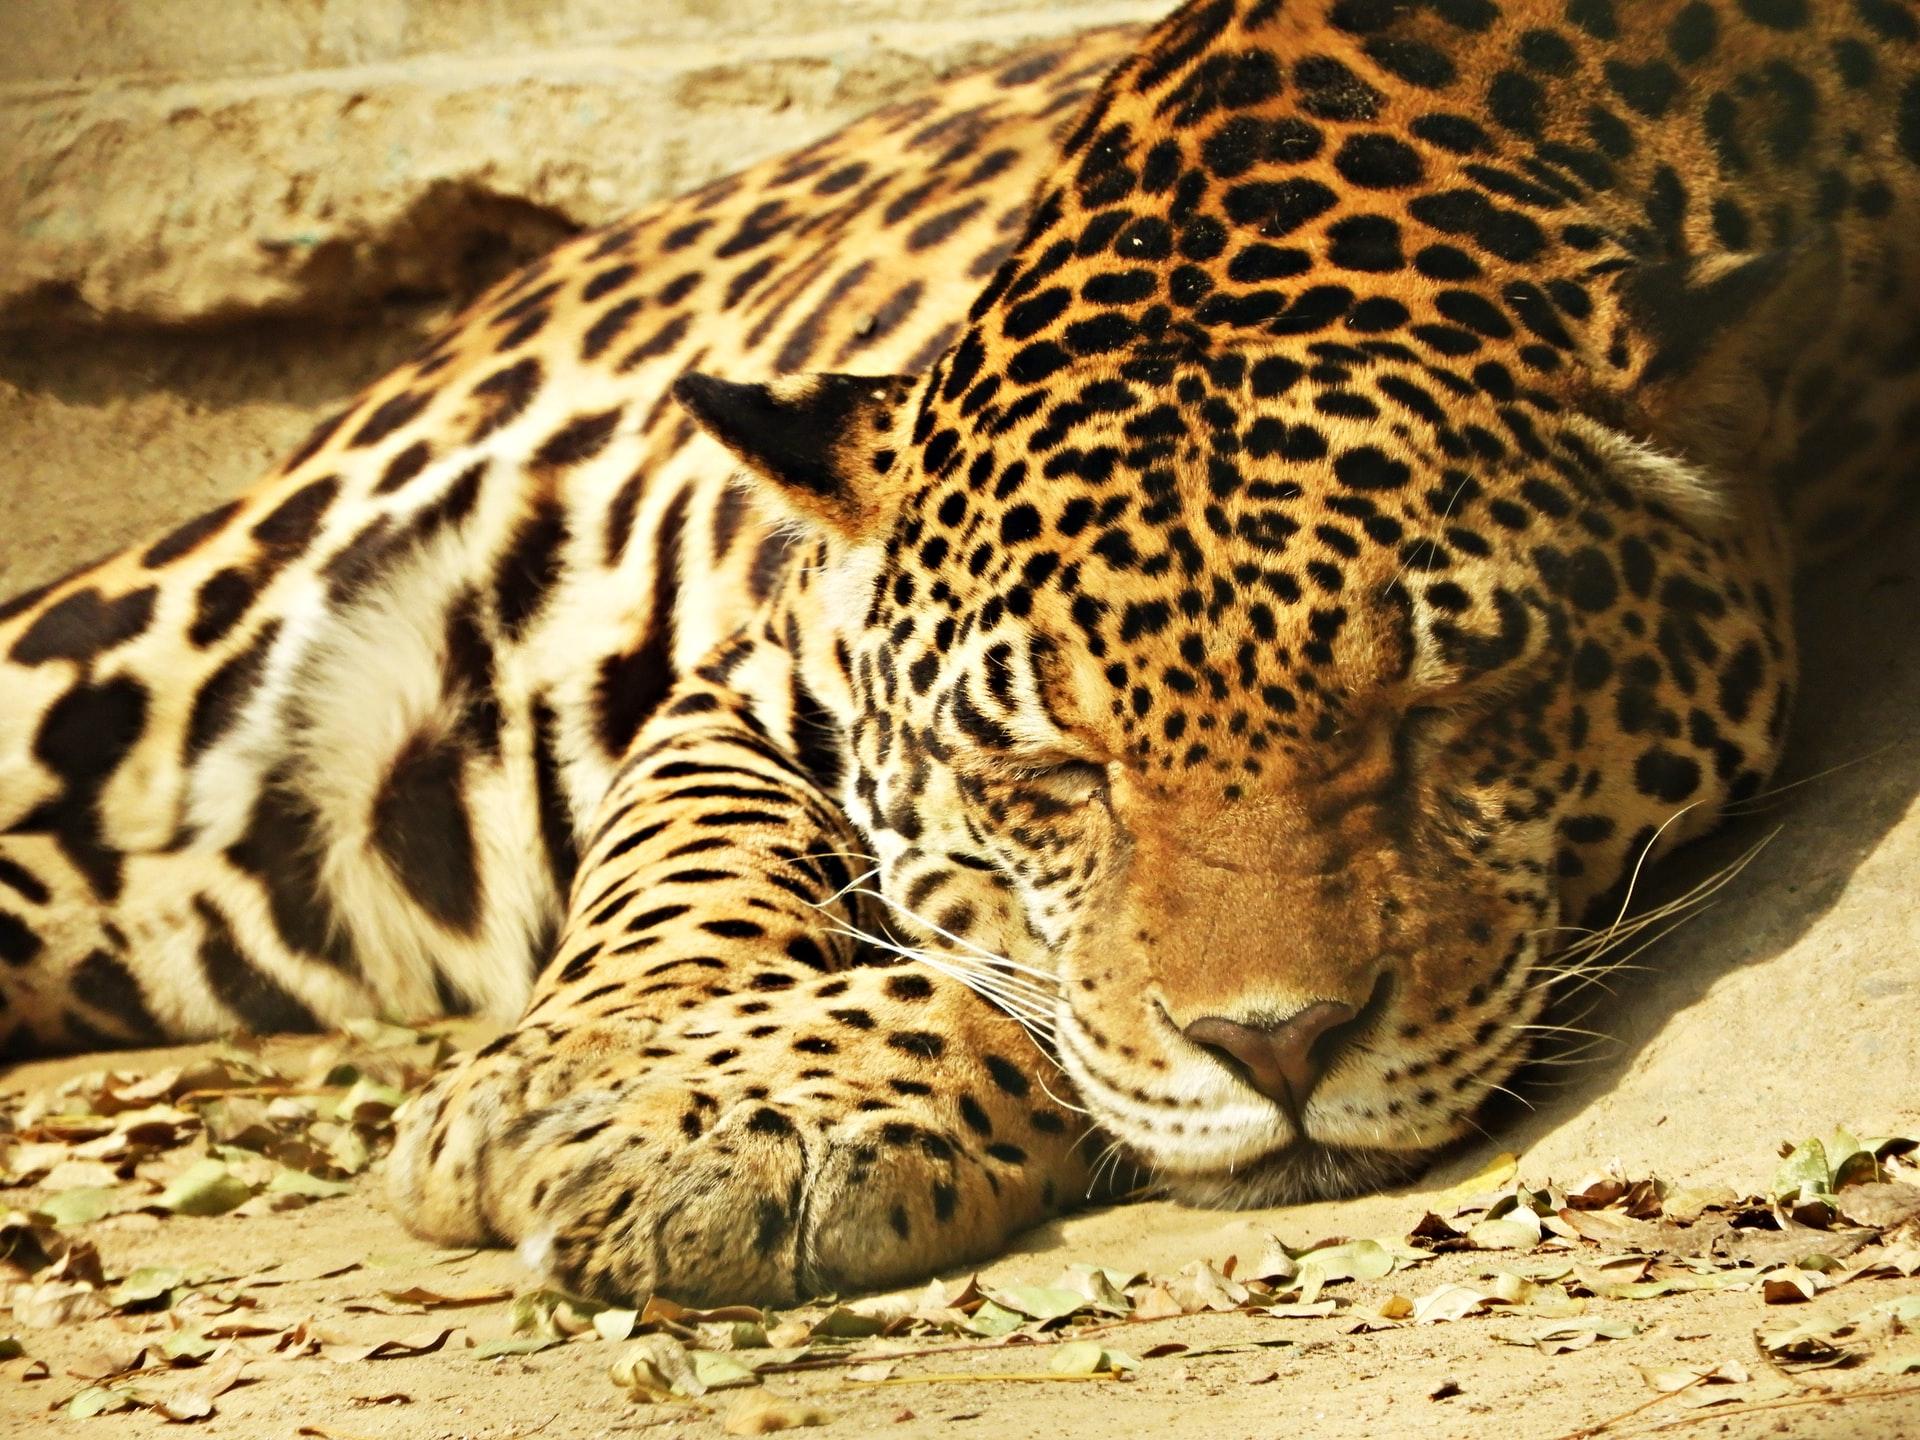 Parque Zoológico Nacional de Delhi - Viajeros por el Mundo